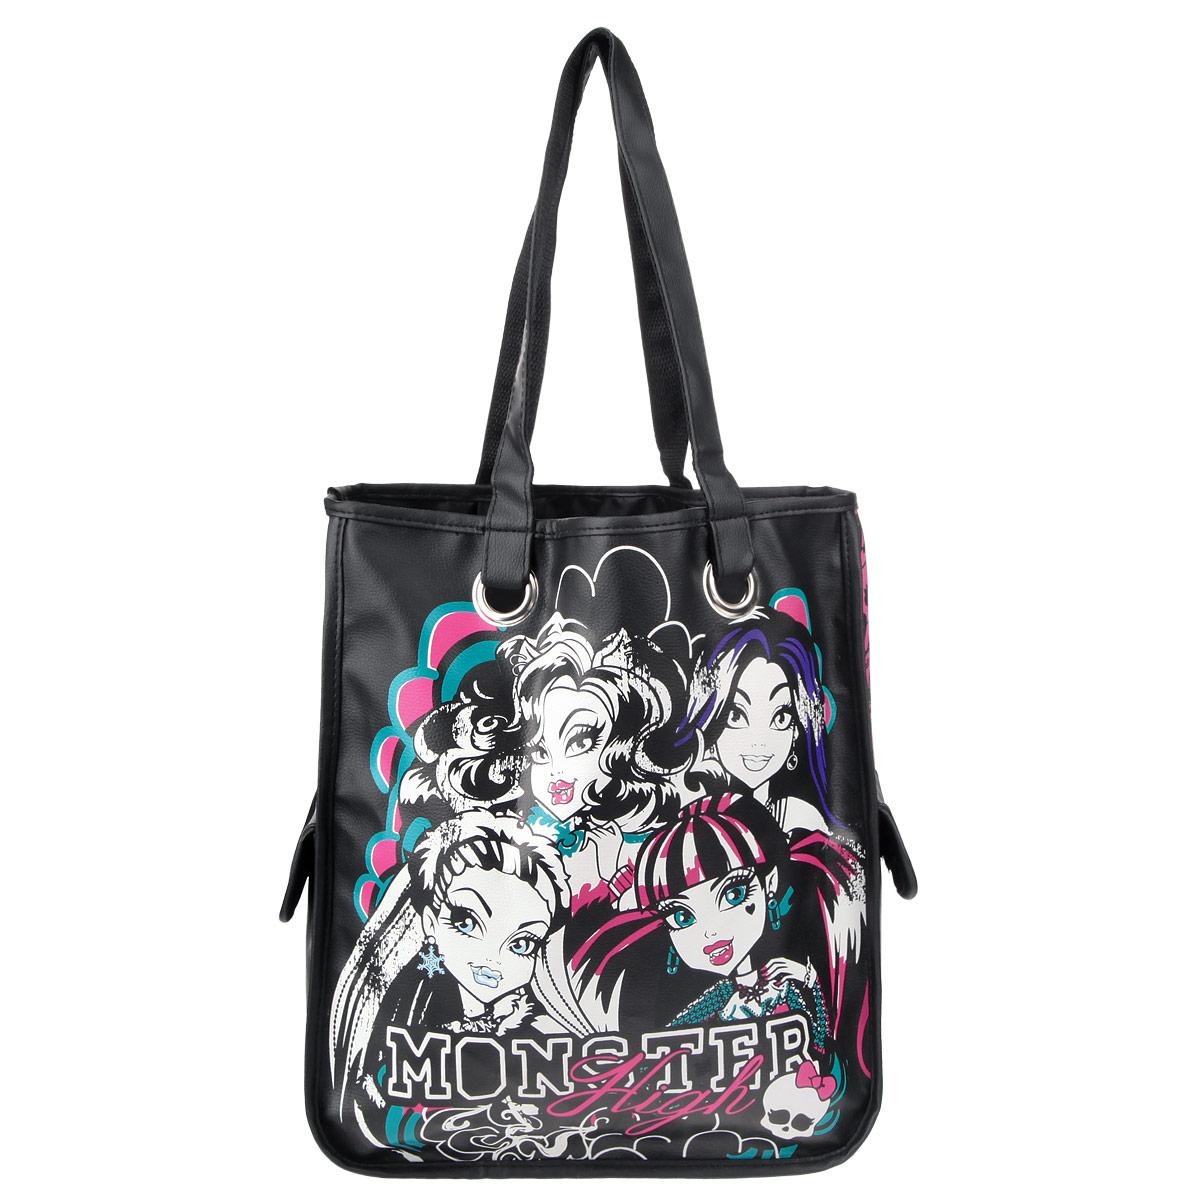 Сумка детская Monster High, цвет: черный, розовыйMHBB-RT3-4493Эффектная детская сумка Monster High обязательно понравится вашему ребенку. Сумочка выполнена из легкого текстильного материала и украшена ярким принтом с изображением героев одноименного популярного мультсериала. Сумка имеет одно большое внутреннее отделение и два боковых кармана на липучке. Яркую сумку с длинными текстильными ручками можно носить как в руках, так и на плече.